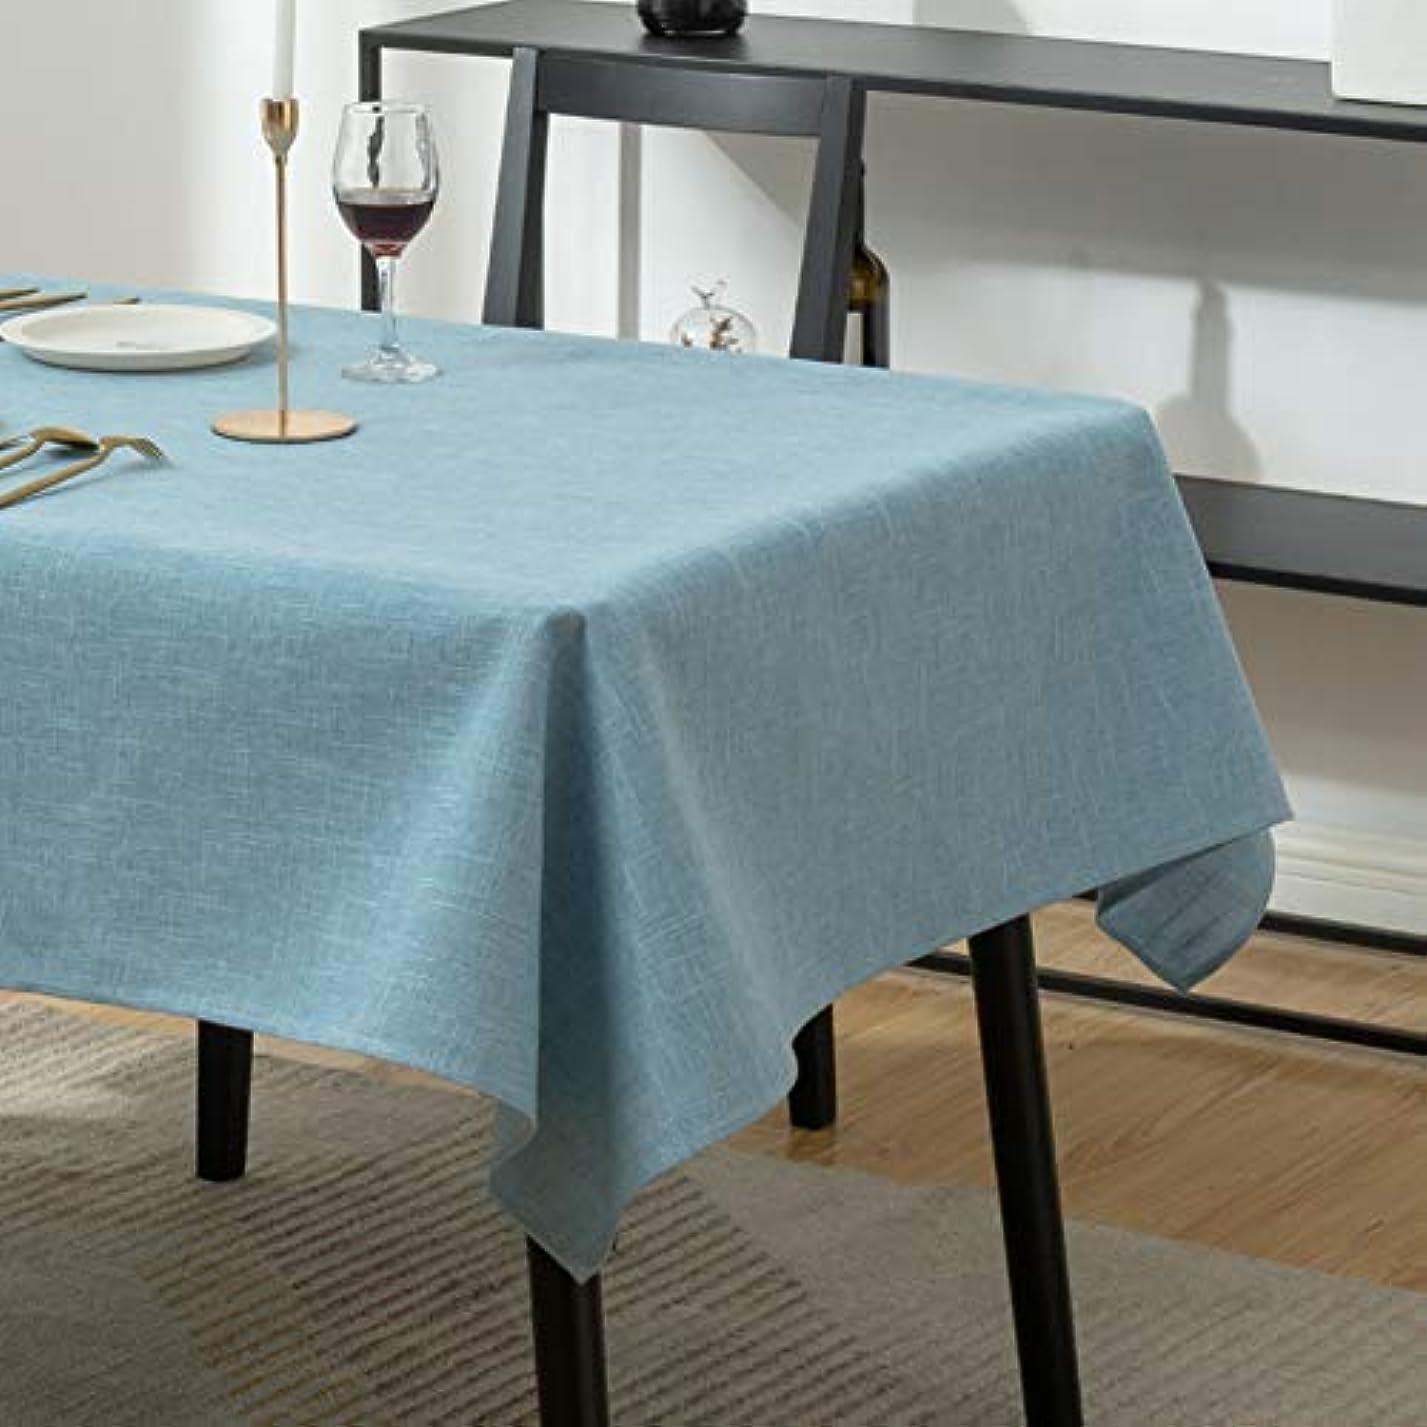 複製暴力的な引退した単色 コットンリネン テーブルクロス,防水 四角形 テーブルクロス きれいに拭く テーブルカバー 汚れダスト 油 装飾的です テーブルリネン-c 140x180cm(55x71inch)